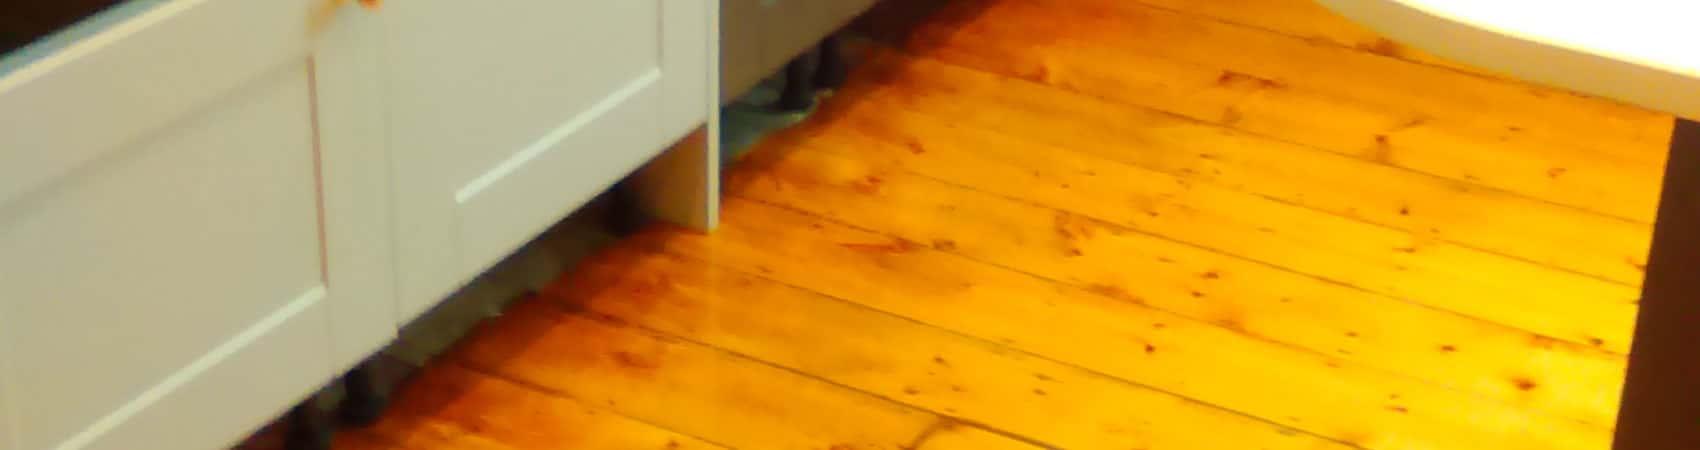 Restored Pine Floor 2 Coats Oil